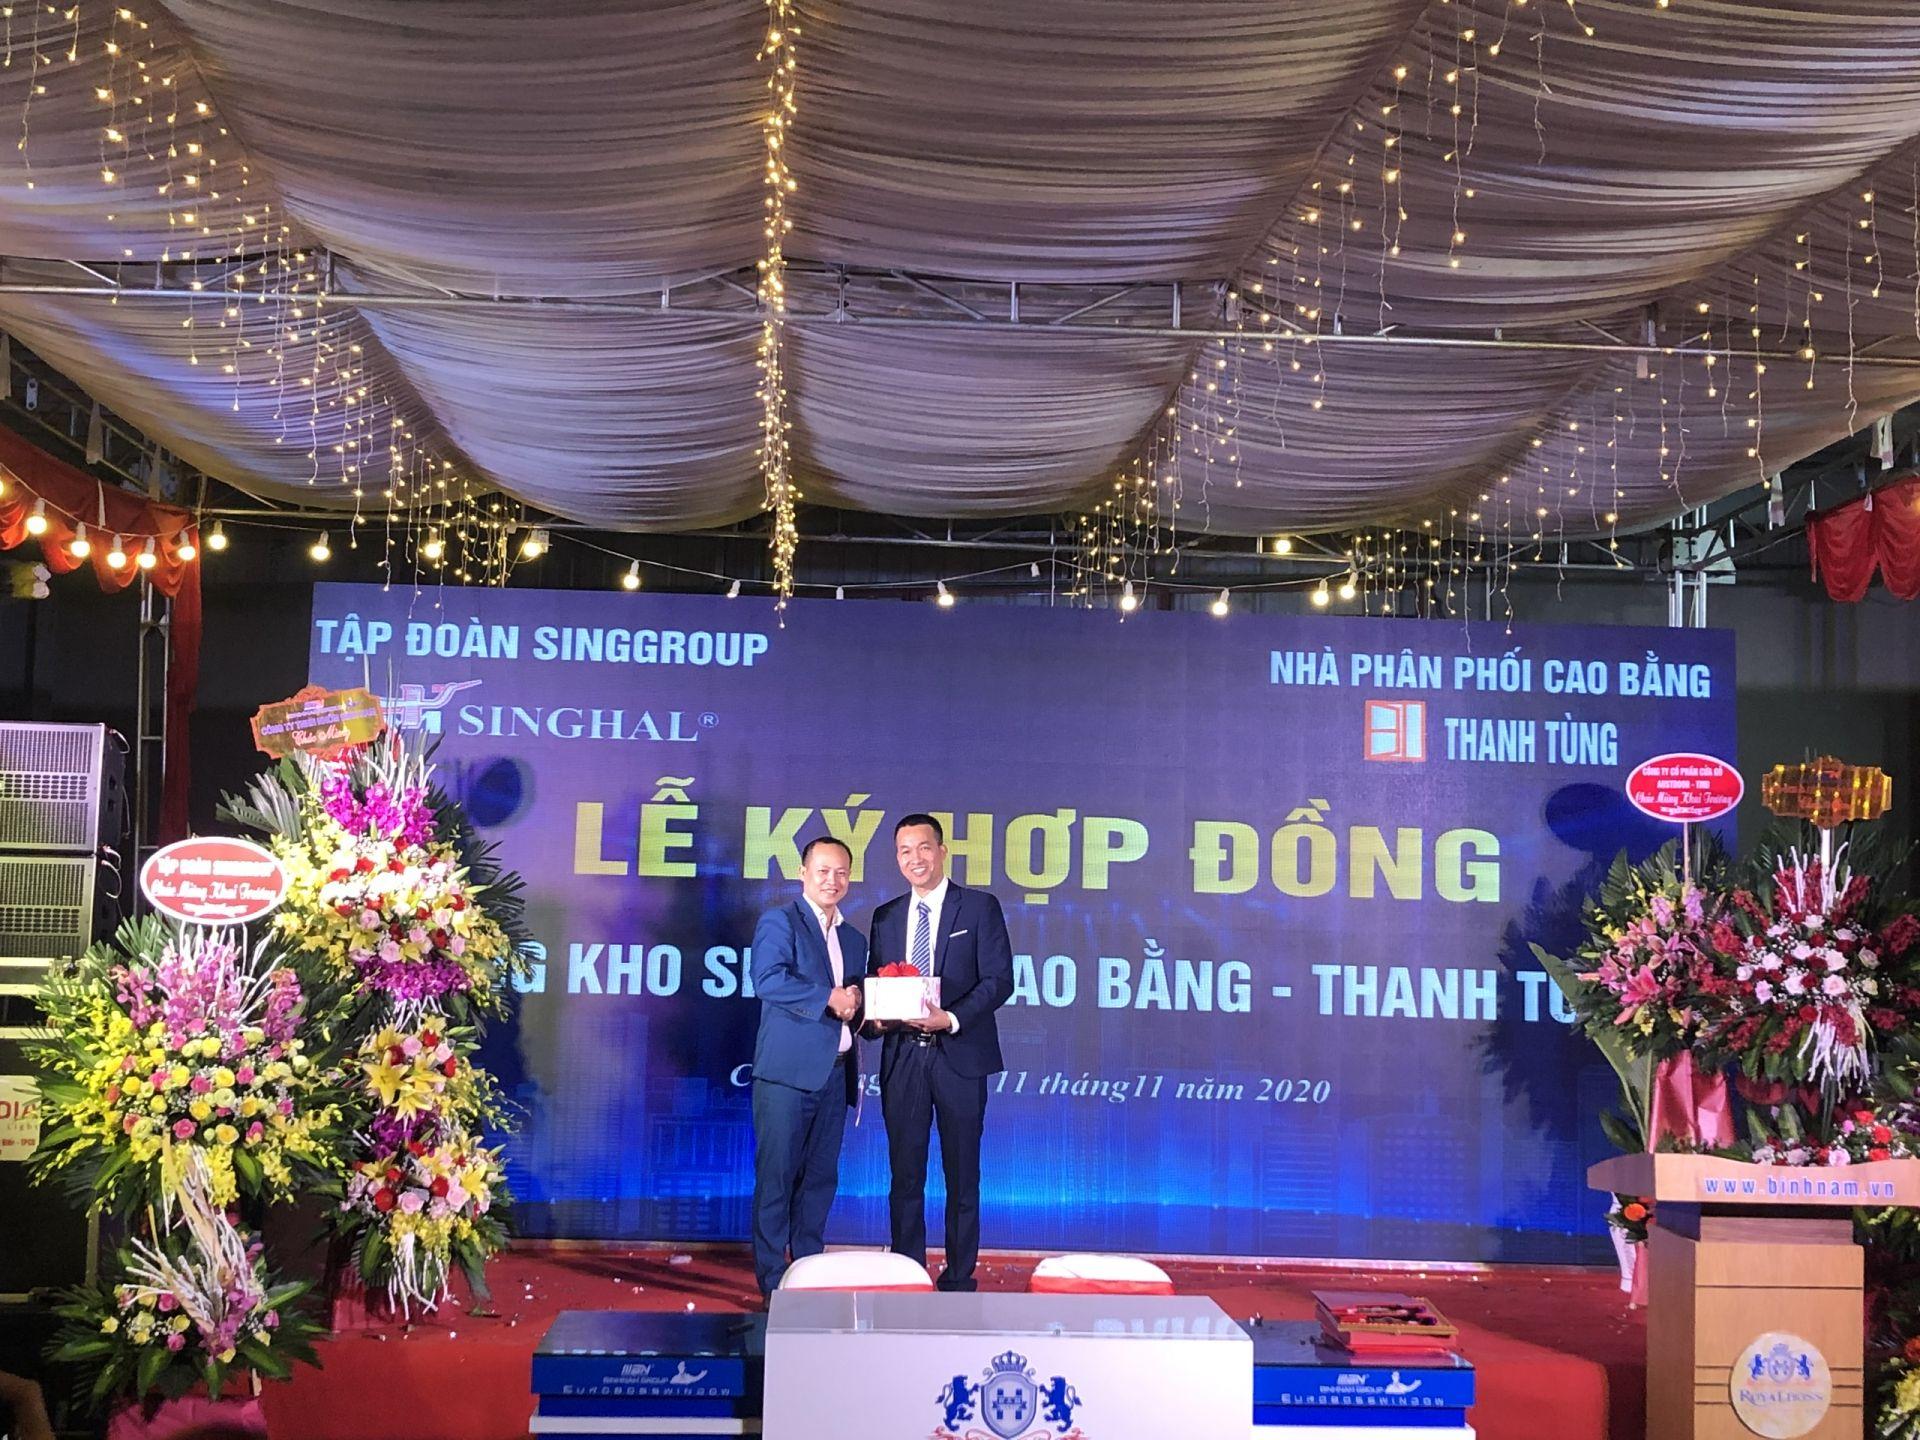 NPP THANH TÙNG - SINGHAL CAO BẰNG